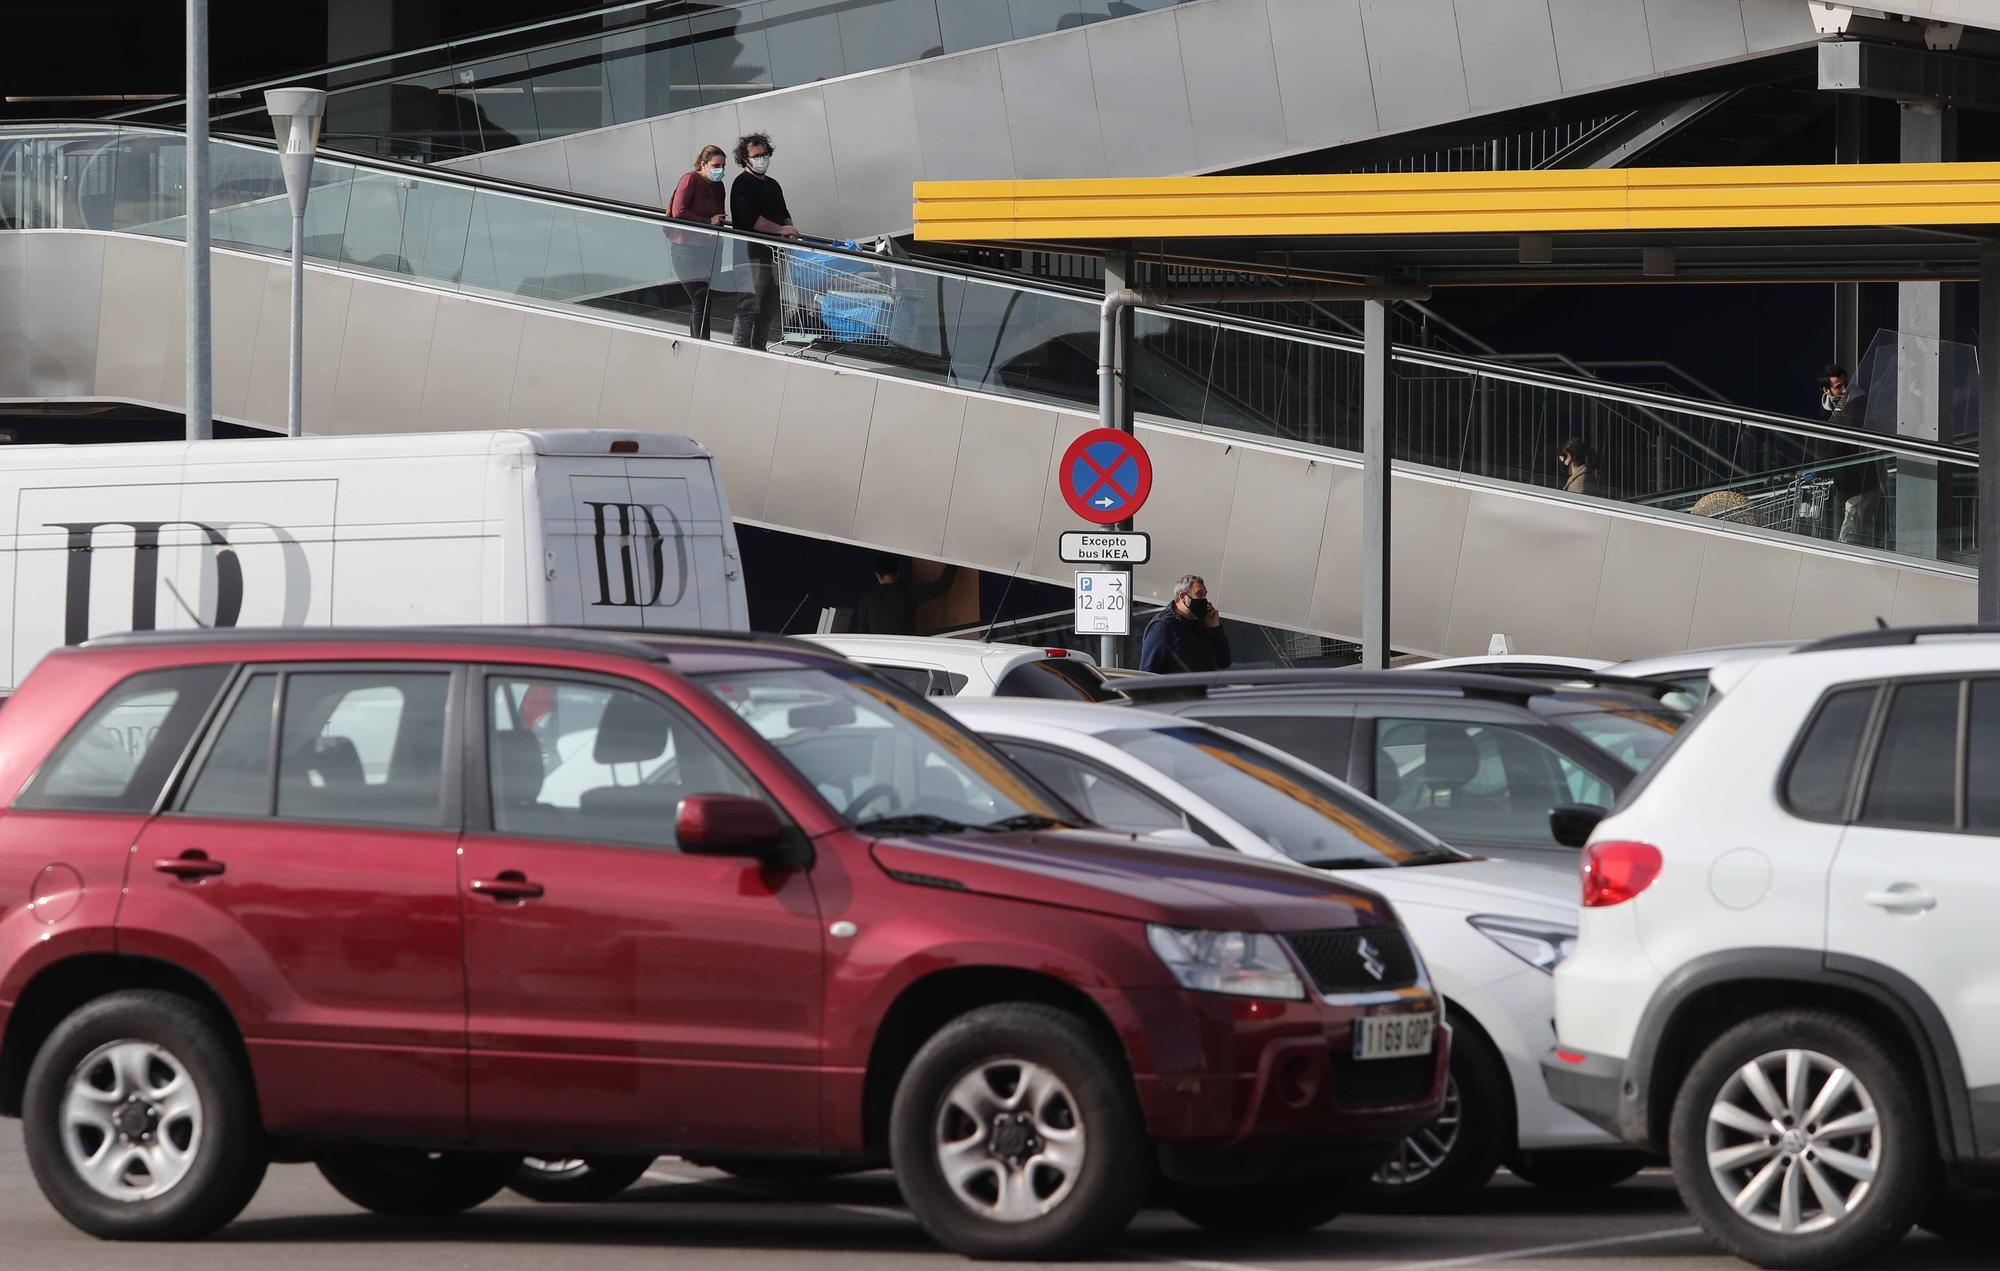 Colas en Ikea Valencia pese a estar disparados los contagios